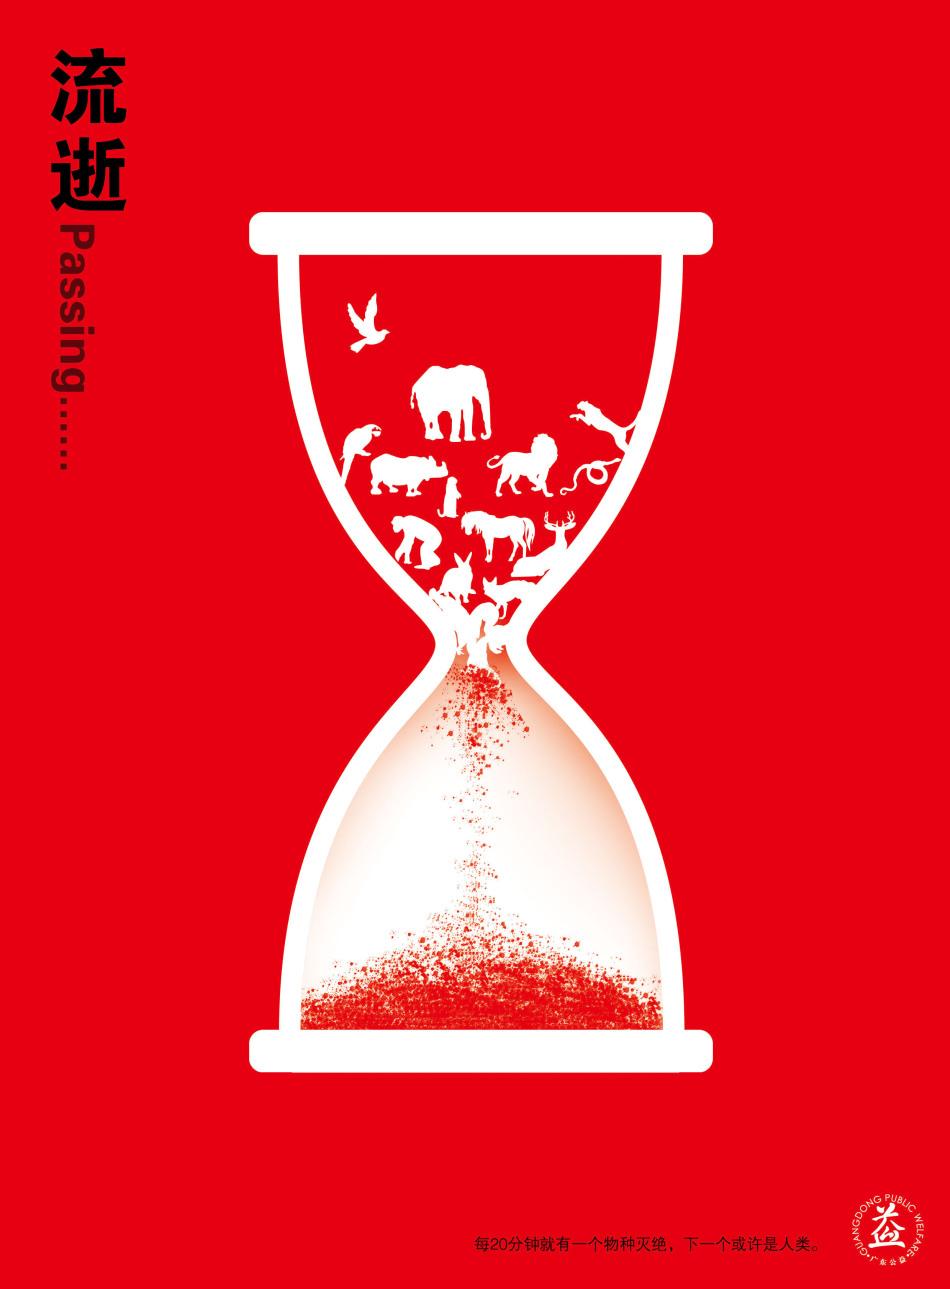 保护野生动物公益广告内容|保护野生动物公益广告图片